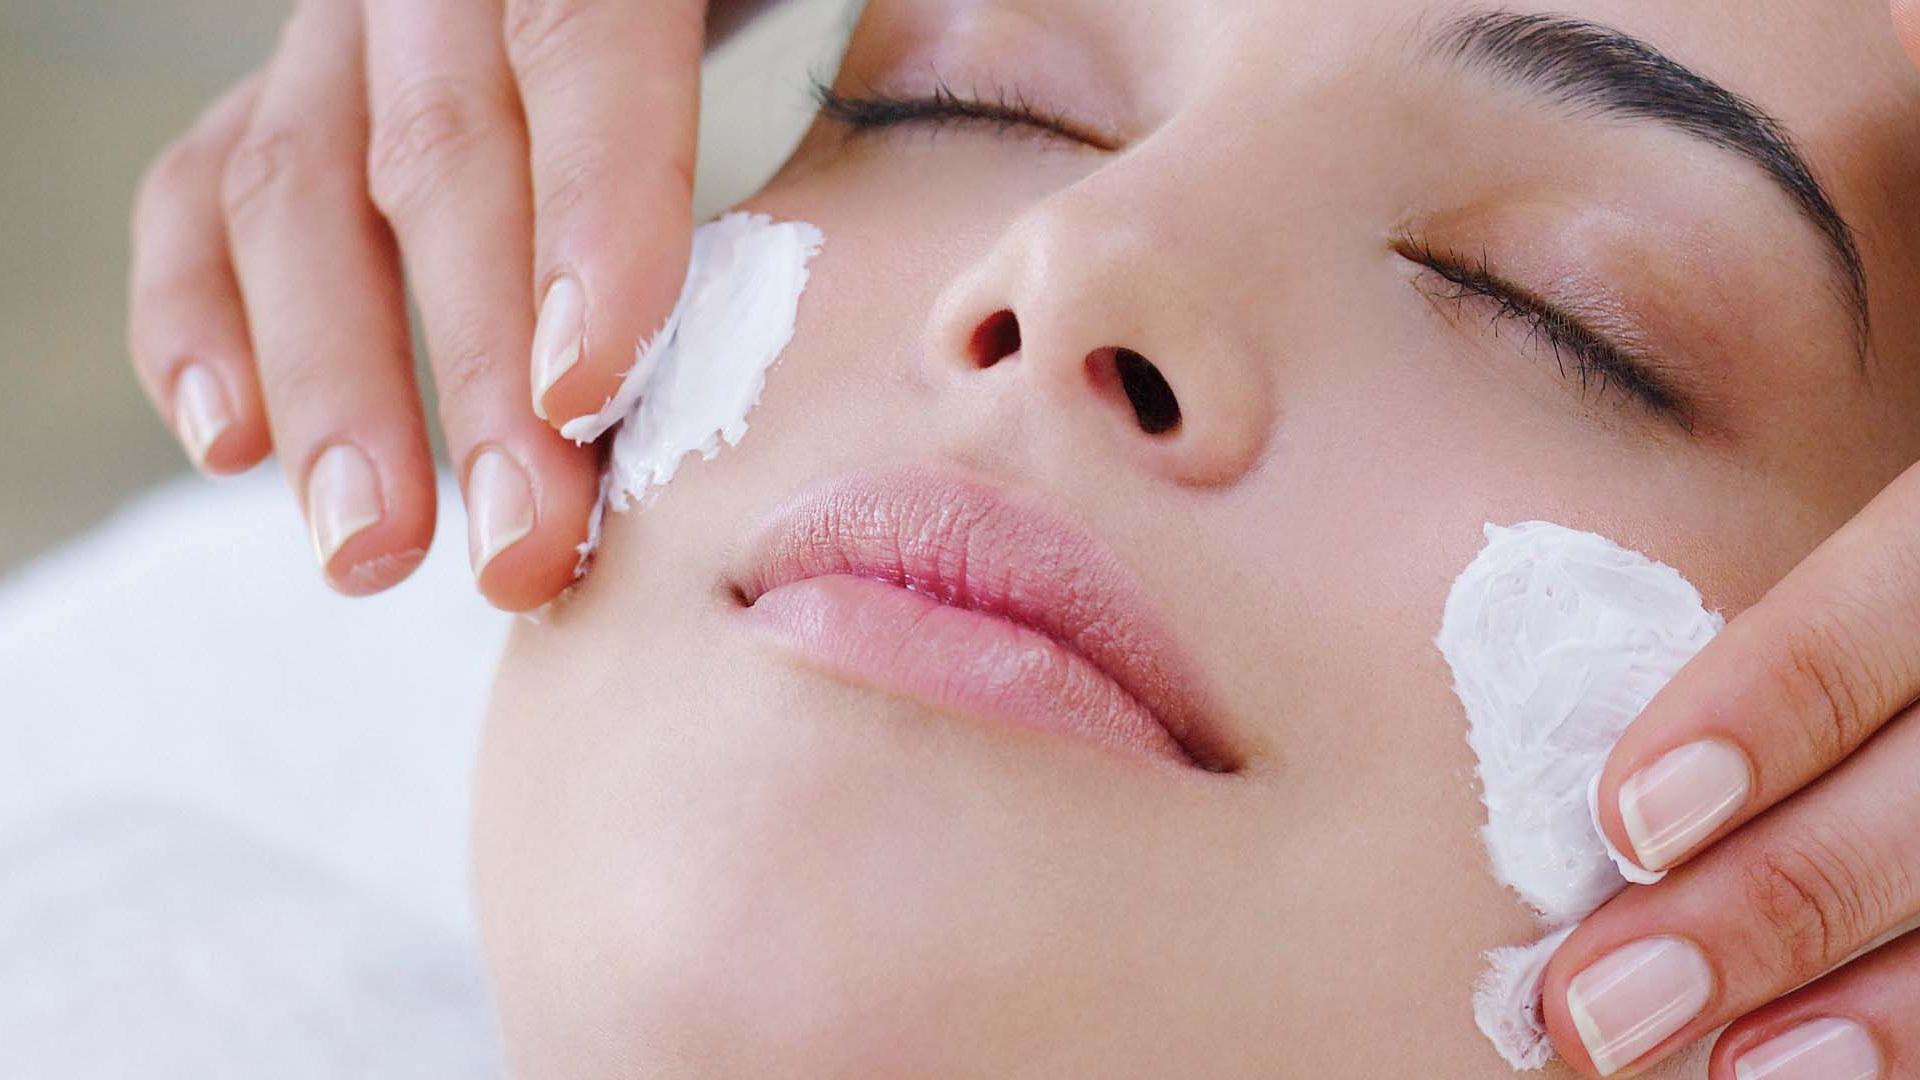 Как отбелить кожу лица: эффективные рецепты и рекомендации